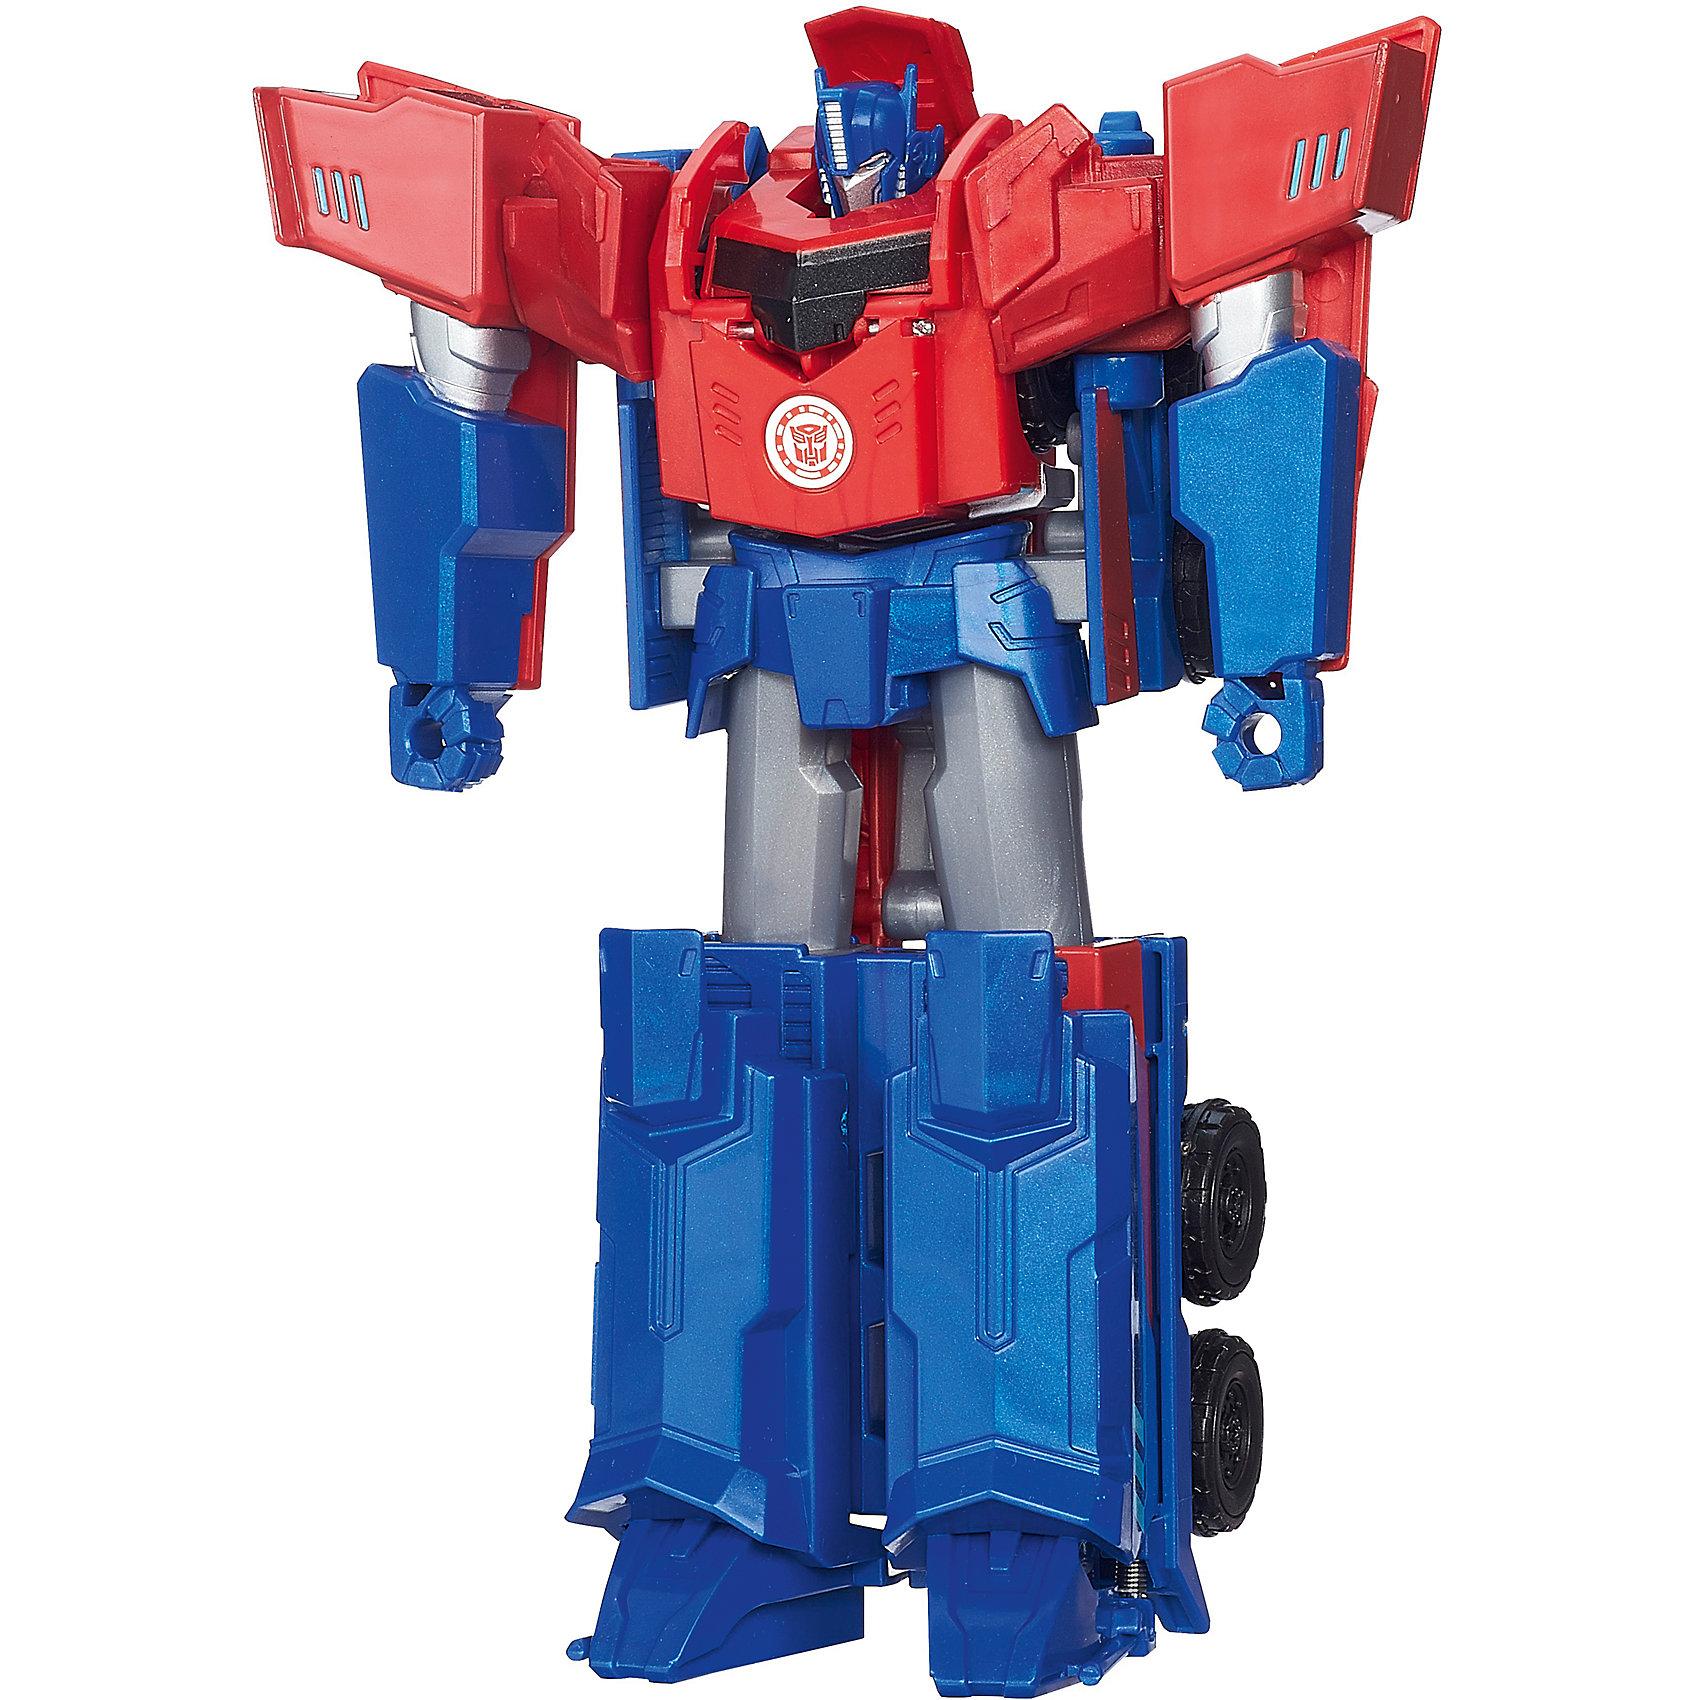 Роботс-ин-Дисгайс Гиперчэндж Оптимус Прайм, ТрансформерыКоллекционные и игровые фигурки<br>Роботс-ин-Дисгайс Гиперчэндж, Трансформеры (Transformers) - большие фигурки любимых персонажей с лёгкой и эффектной трансформацией. Эта игрушка не только понравится всем мальчишкам, она поможет развить мелкую моторику, внимание и фантазию ребенка. Выполнена из высококачественного прочного пластика, безопасного для детей.<br><br>Дополнительная информация:<br><br>- Материал: пластик<br>- Размер упаковки: 8 x 20 х 23 см.<br><br>Роботс-ин-Дисгайс Войны, Трансформеров (Transformers), можно купить в нашем магазине.<br><br>Ширина мм: 79<br>Глубина мм: 203<br>Высота мм: 229<br>Вес г: 300<br>Возраст от месяцев: 60<br>Возраст до месяцев: 120<br>Пол: Мужской<br>Возраст: Детский<br>SKU: 4874303